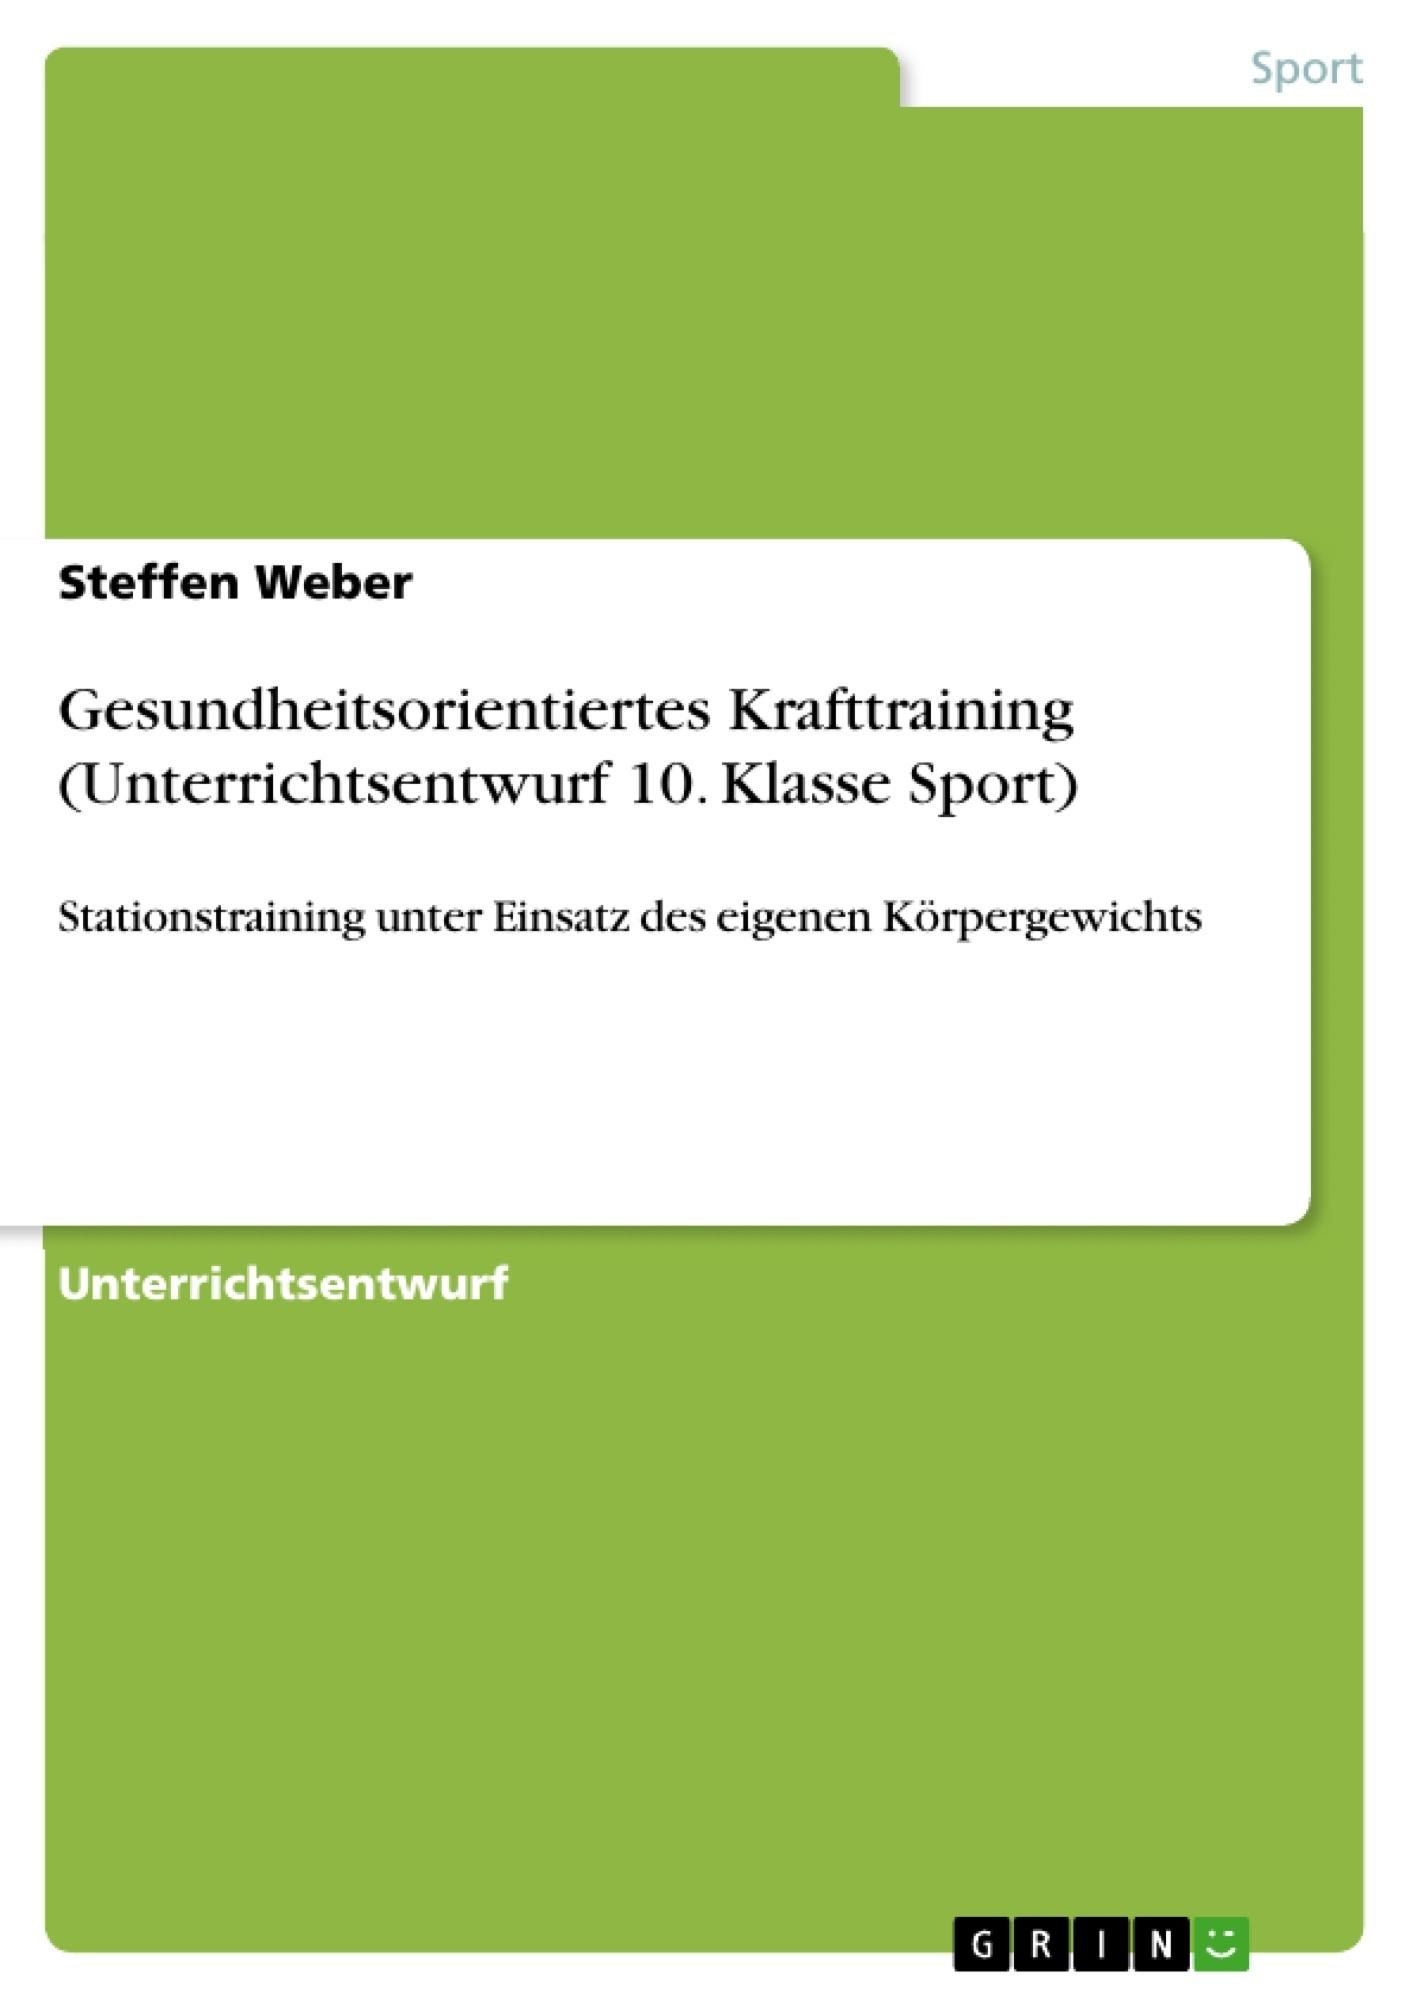 Titel: Gesundheitsorientiertes Krafttraining (Unterrichtsentwurf 10. Klasse Sport)